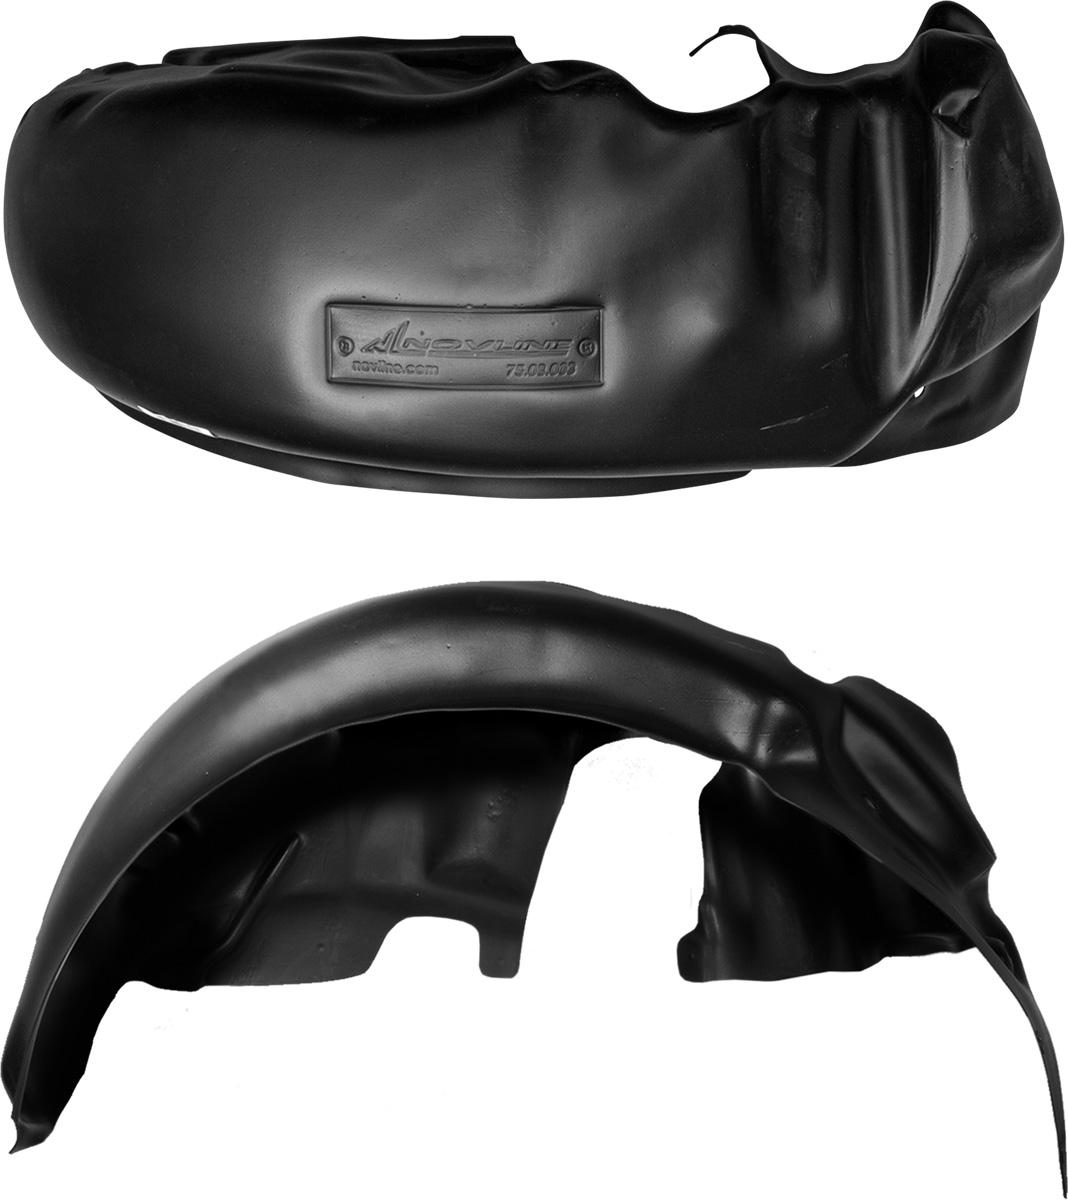 Подкрылок Novline-Autofamily, для Ford Transit 2006-2014, передний правыйNLL.16.21.002Колесные ниши - одни из самых уязвимых зон днища вашего автомобиля. Они постоянно подвергаются воздействию со стороны дороги. Лучшая, почти абсолютная защита для них - специально отформованные пластиковые кожухи, которые называются подкрылками. Производятся они как для отечественных моделей автомобилей, так и для иномарок. Подкрылки Novline-Autofamily выполнены из высококачественного, экологически чистого пластика. Обеспечивают надежную защиту кузова автомобиля от пескоструйного эффекта и негативного влияния, агрессивных антигололедных реагентов. Пластик обладает более низкой теплопроводностью, чем металл, поэтому в зимний период эксплуатации использование пластиковых подкрылков позволяет лучше защитить колесные ниши от налипания снега и образования наледи. Оригинальность конструкции подчеркивает элегантность автомобиля, бережно защищает нанесенное на днище кузова антикоррозийное покрытие и позволяет осуществить крепление подкрылков внутри колесной арки практически без дополнительного крепежа и сверления, не нарушая при этом лакокрасочного покрытия, что предотвращает возникновение новых очагов коррозии. Подкрылки долговечны, обладают высокой прочностью и сохраняют заданную форму, а также все свои физико-механические характеристики в самых тяжелых климатических условиях (от -50°С до +50°С).Уважаемые клиенты!Обращаем ваше внимание, на тот факт, что подкрылок имеет форму, соответствующую модели данного автомобиля. Фото служит для визуального восприятия товара.